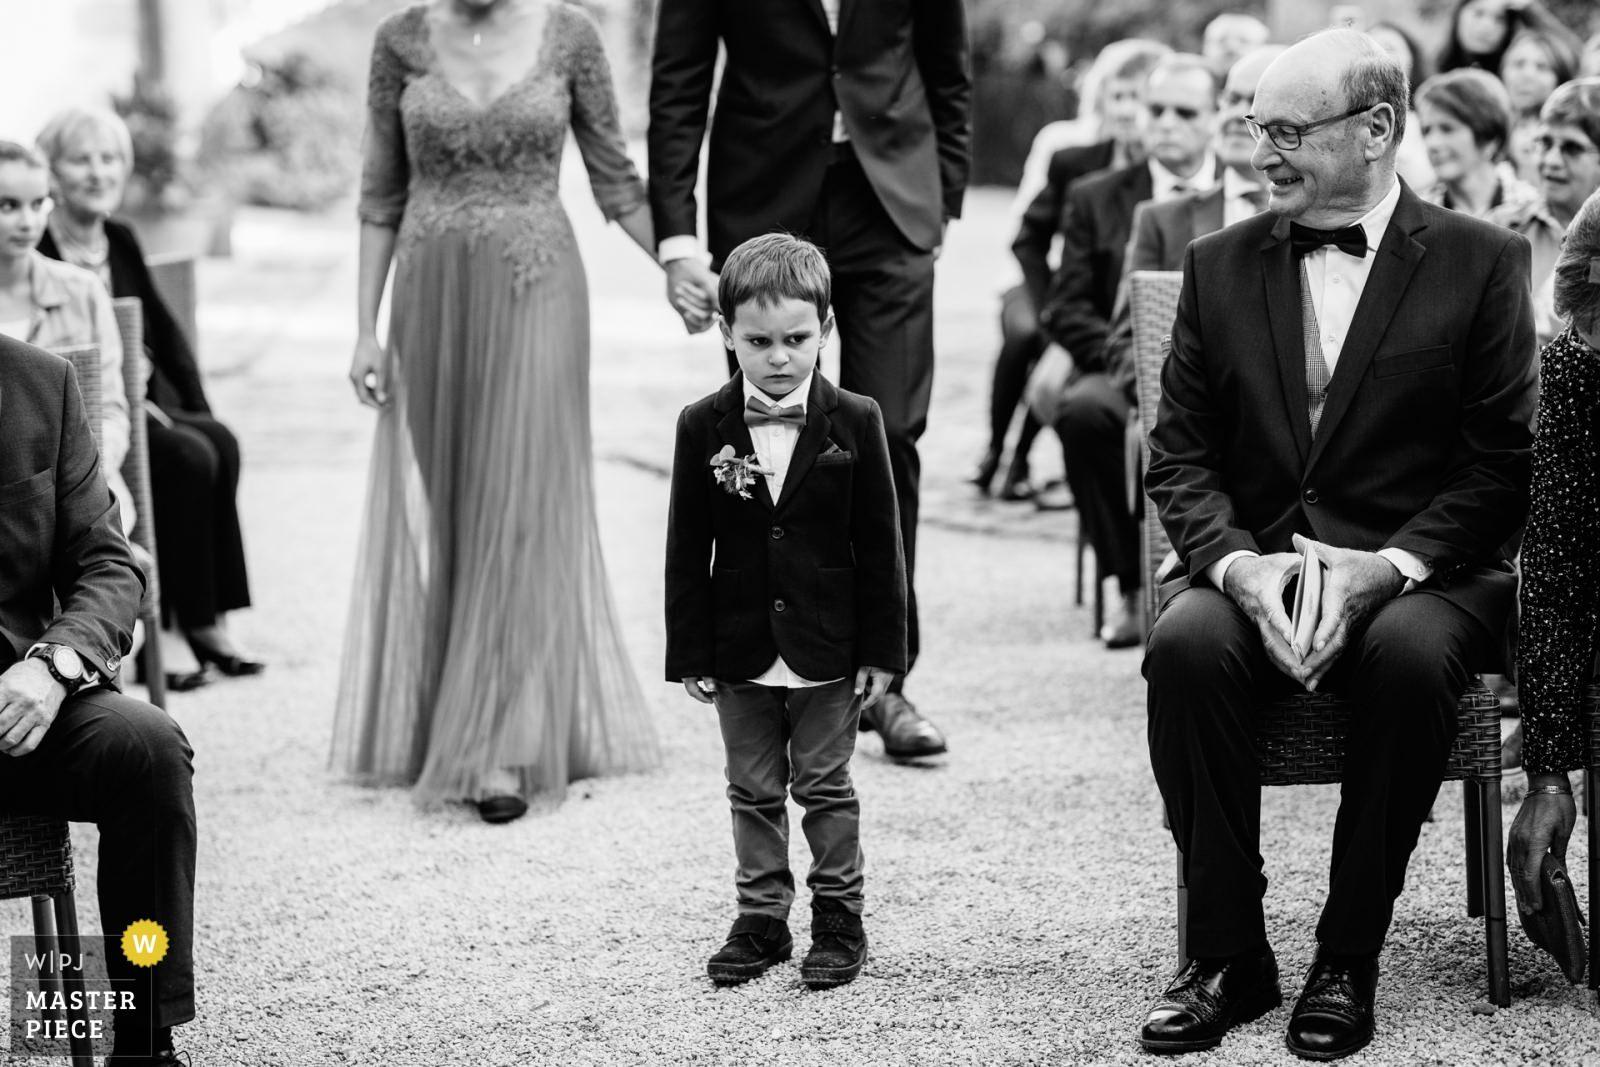 photographe-mariage-rhonealpeswpja-charleneaubert (3).jpg